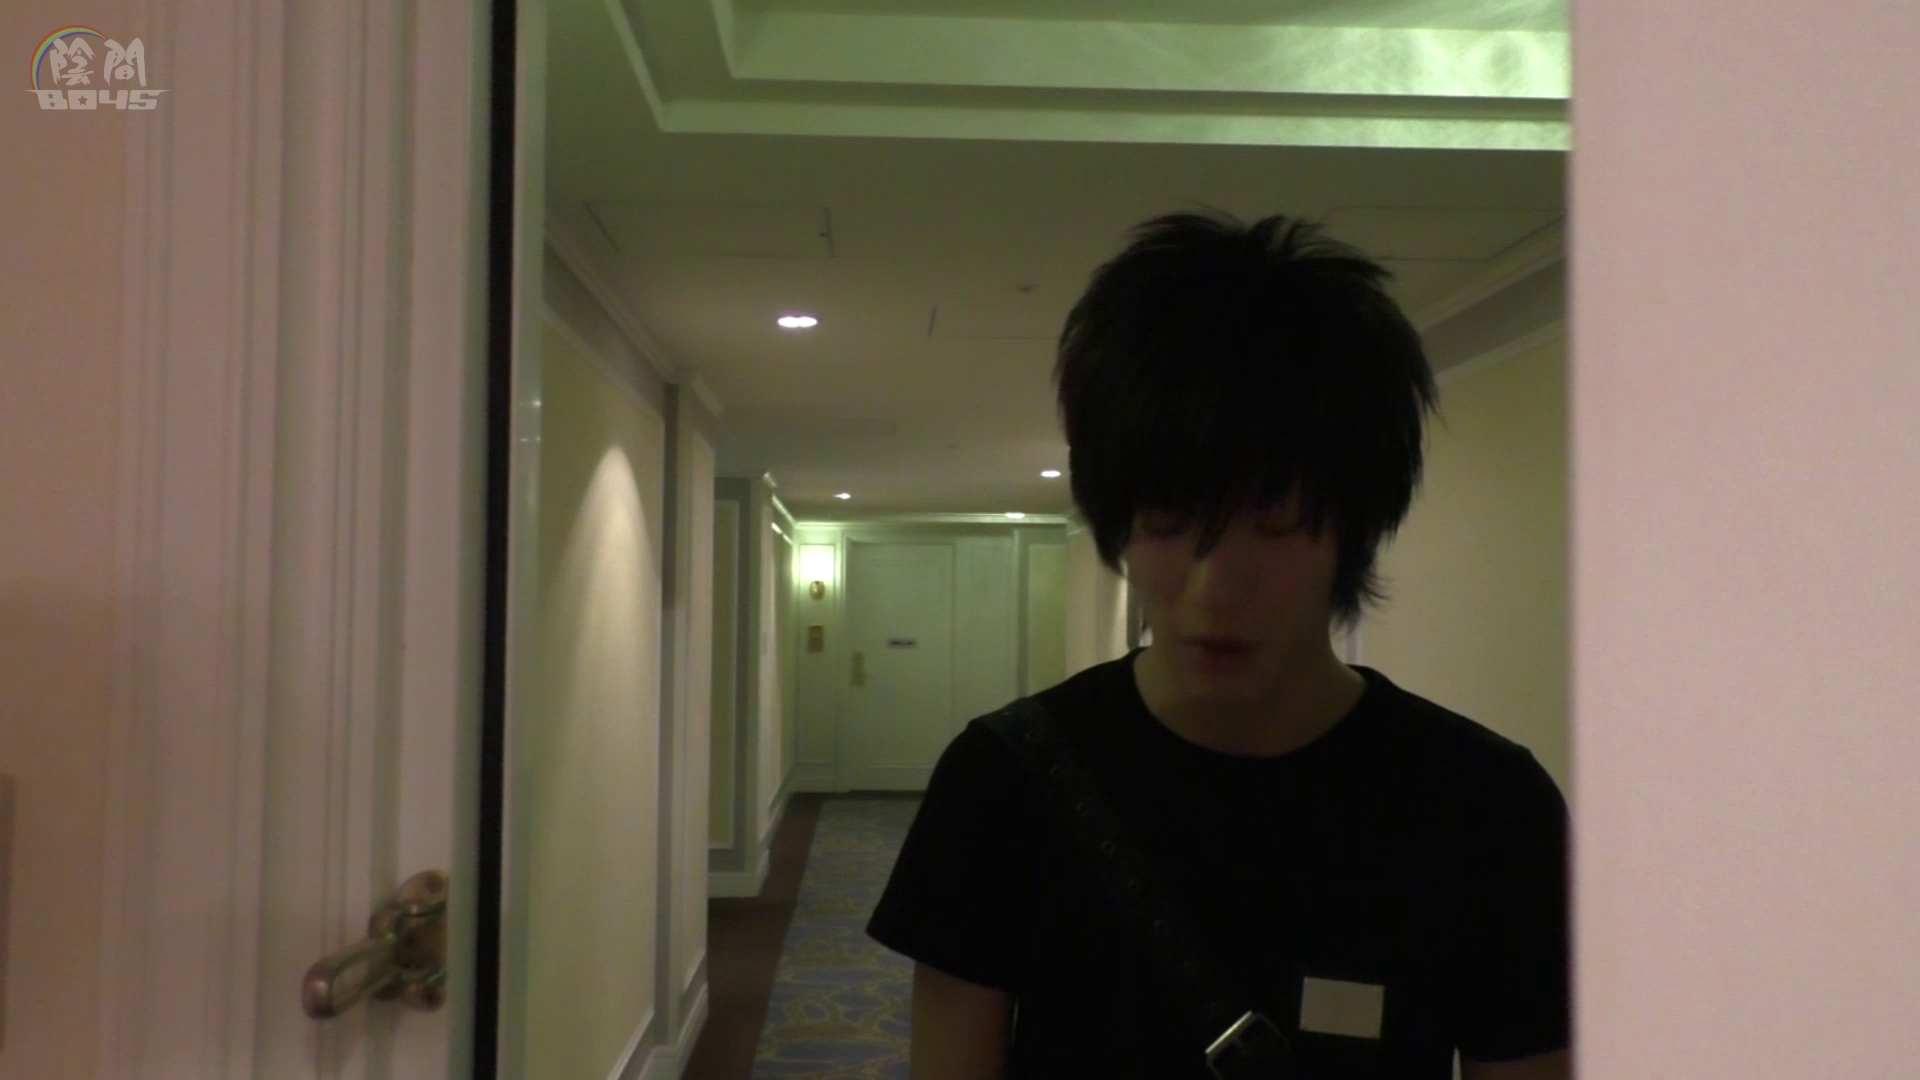 """ADのお仕事part3 part3 No.01""""アナルやばいっす"""" イメージ(av) ゲイエロ画像 105pic 31"""